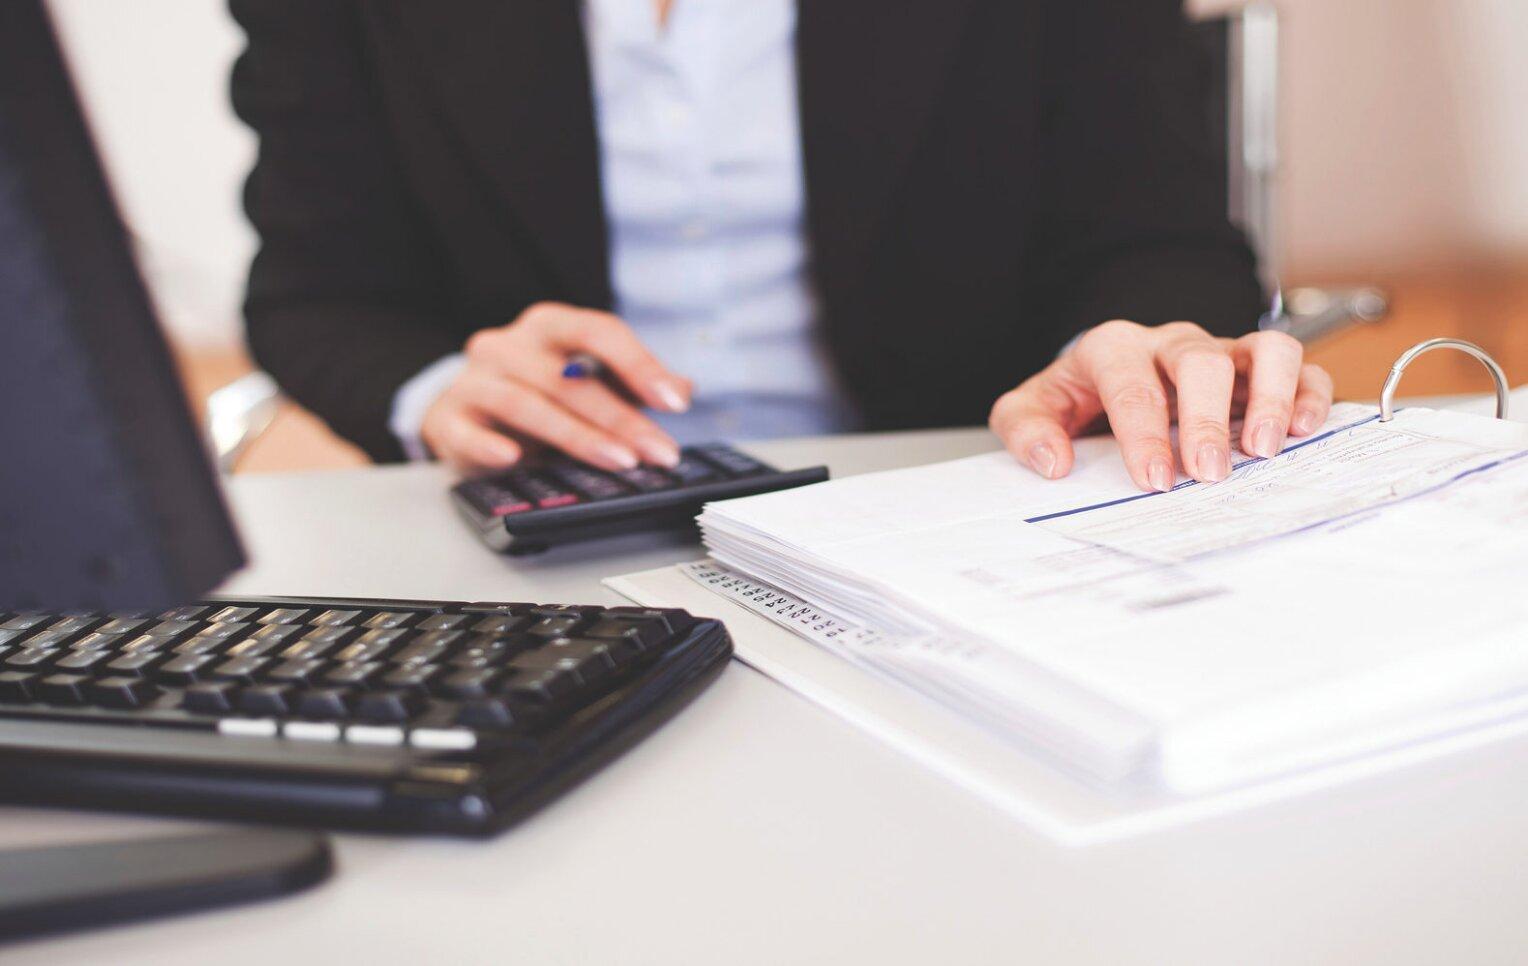 Регистрация и бухгалтерское сопровождение ип виды индивидуальных предпринимателей